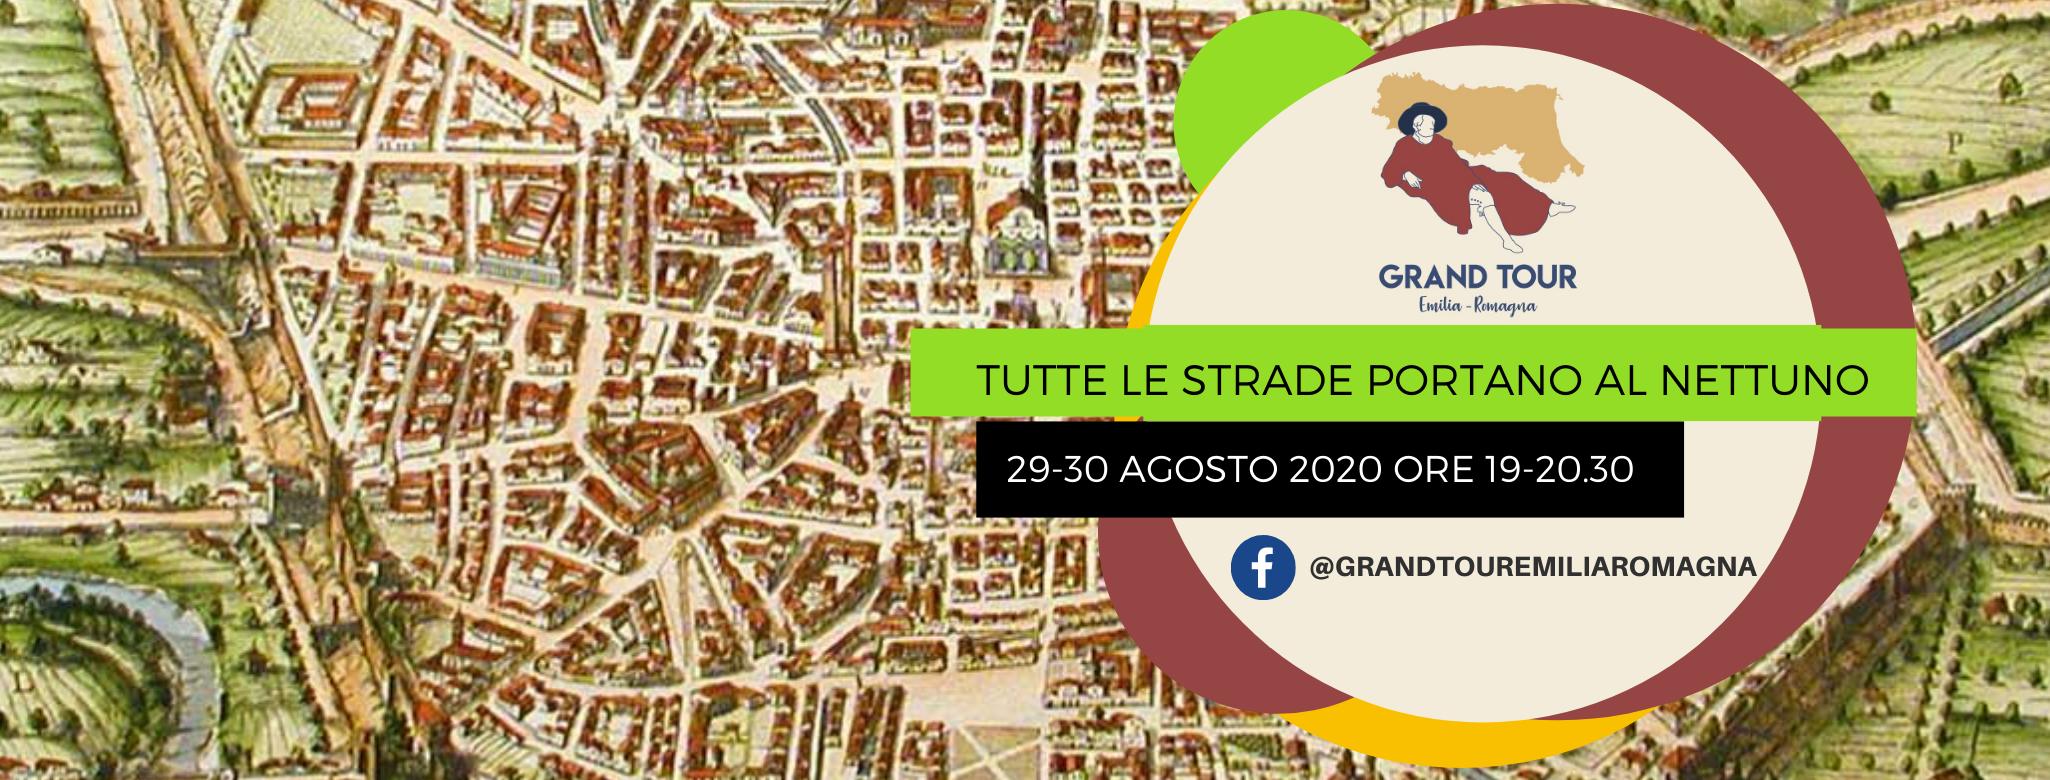 Tutte le strade portano al Nettuno, ph. Grand Tour Emili Romagna